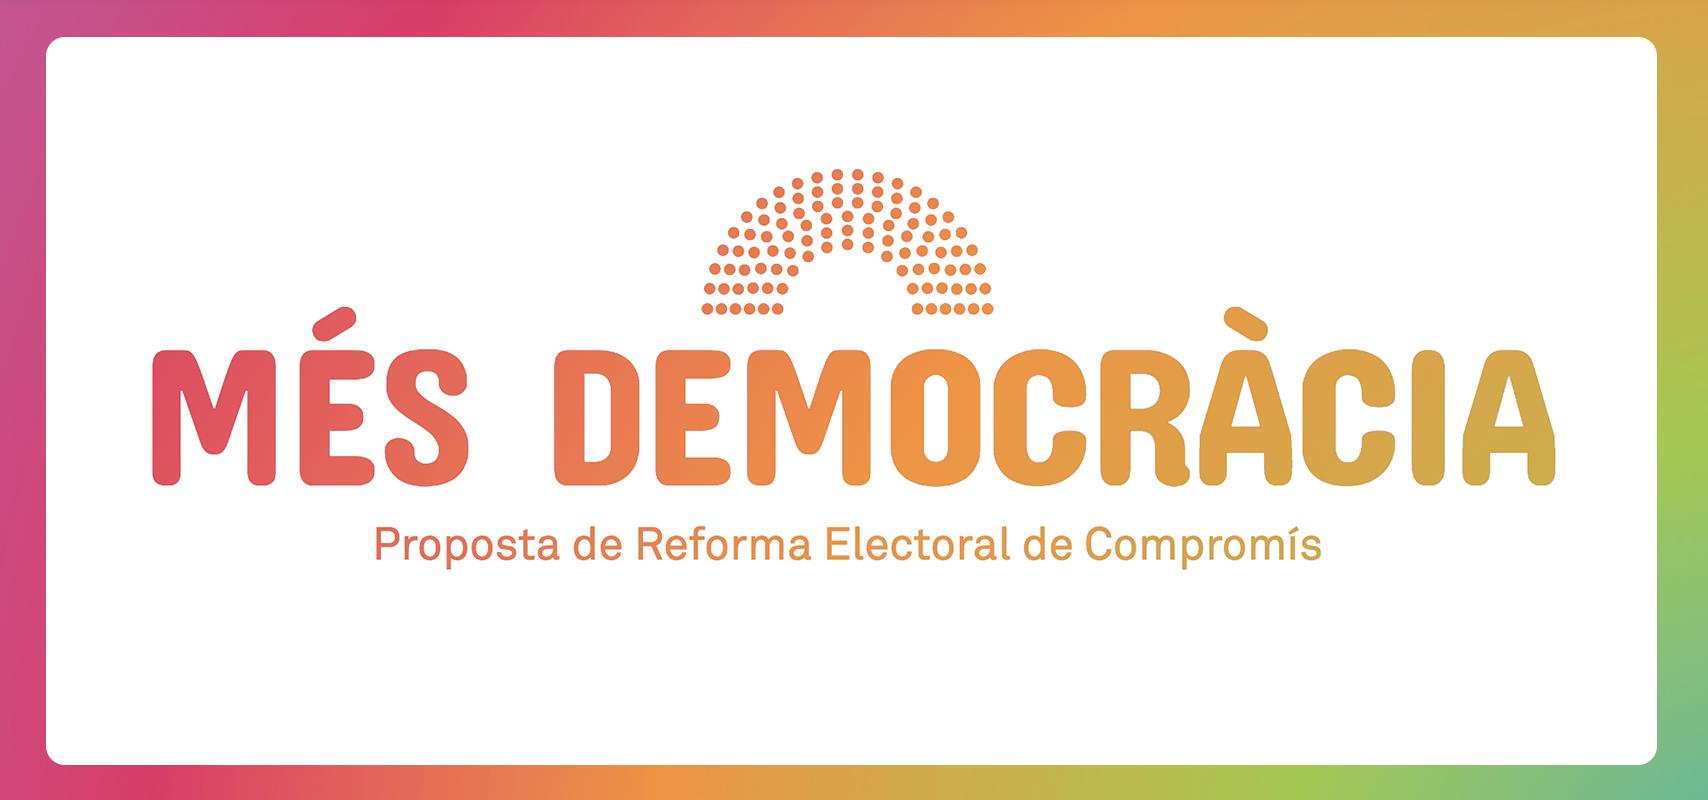 MesDemocracia